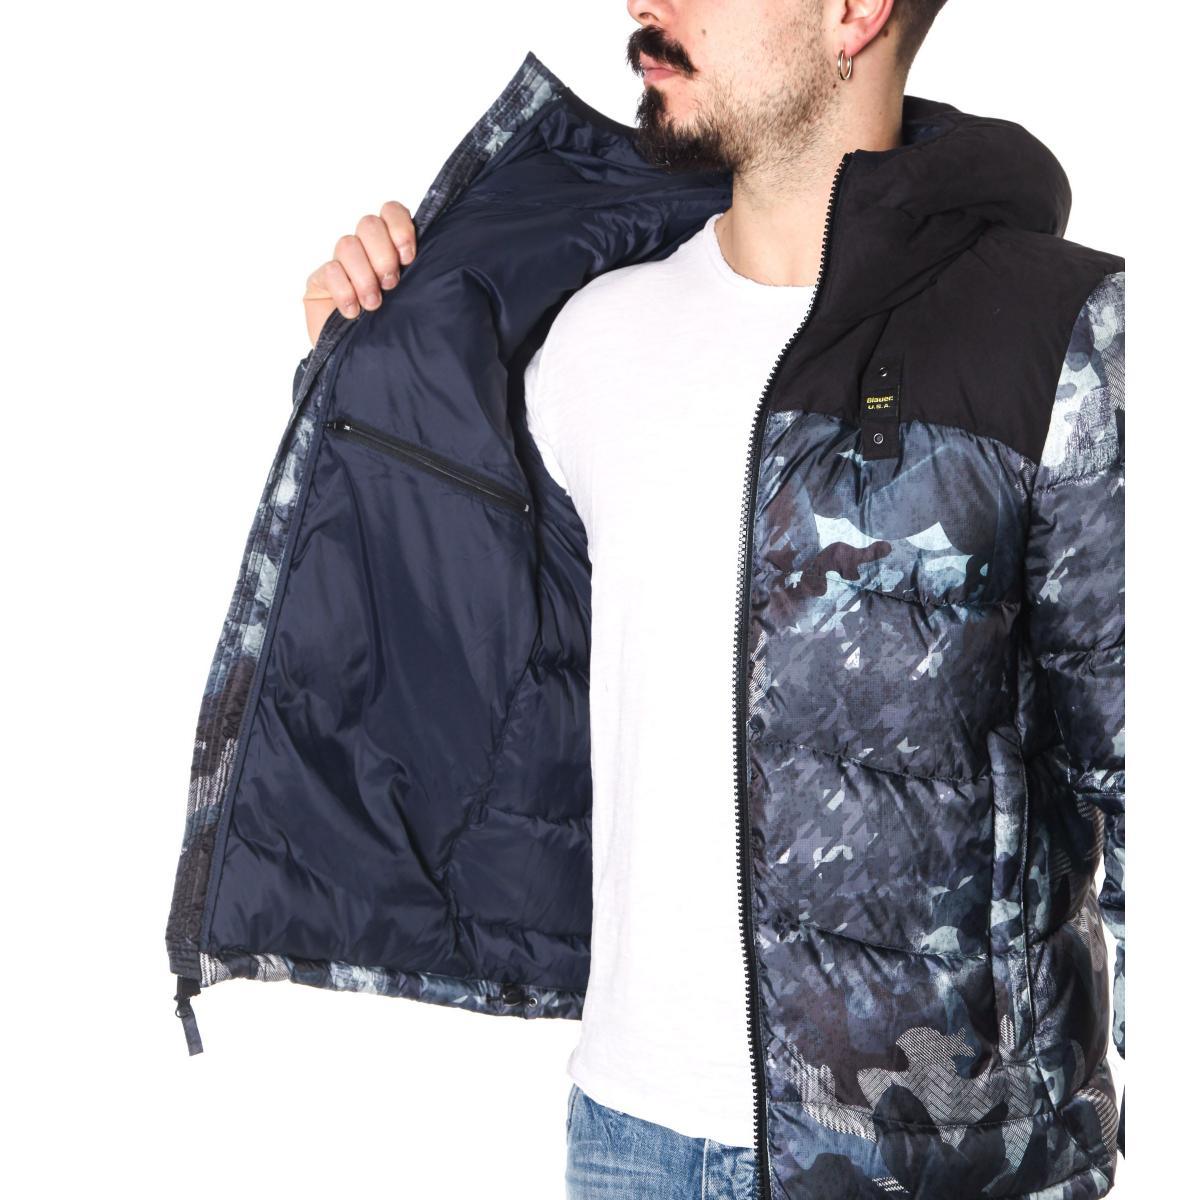 Giubbotto Piumino Blauer USA camouflage da uomo rif. 18WBLUC03106-005058